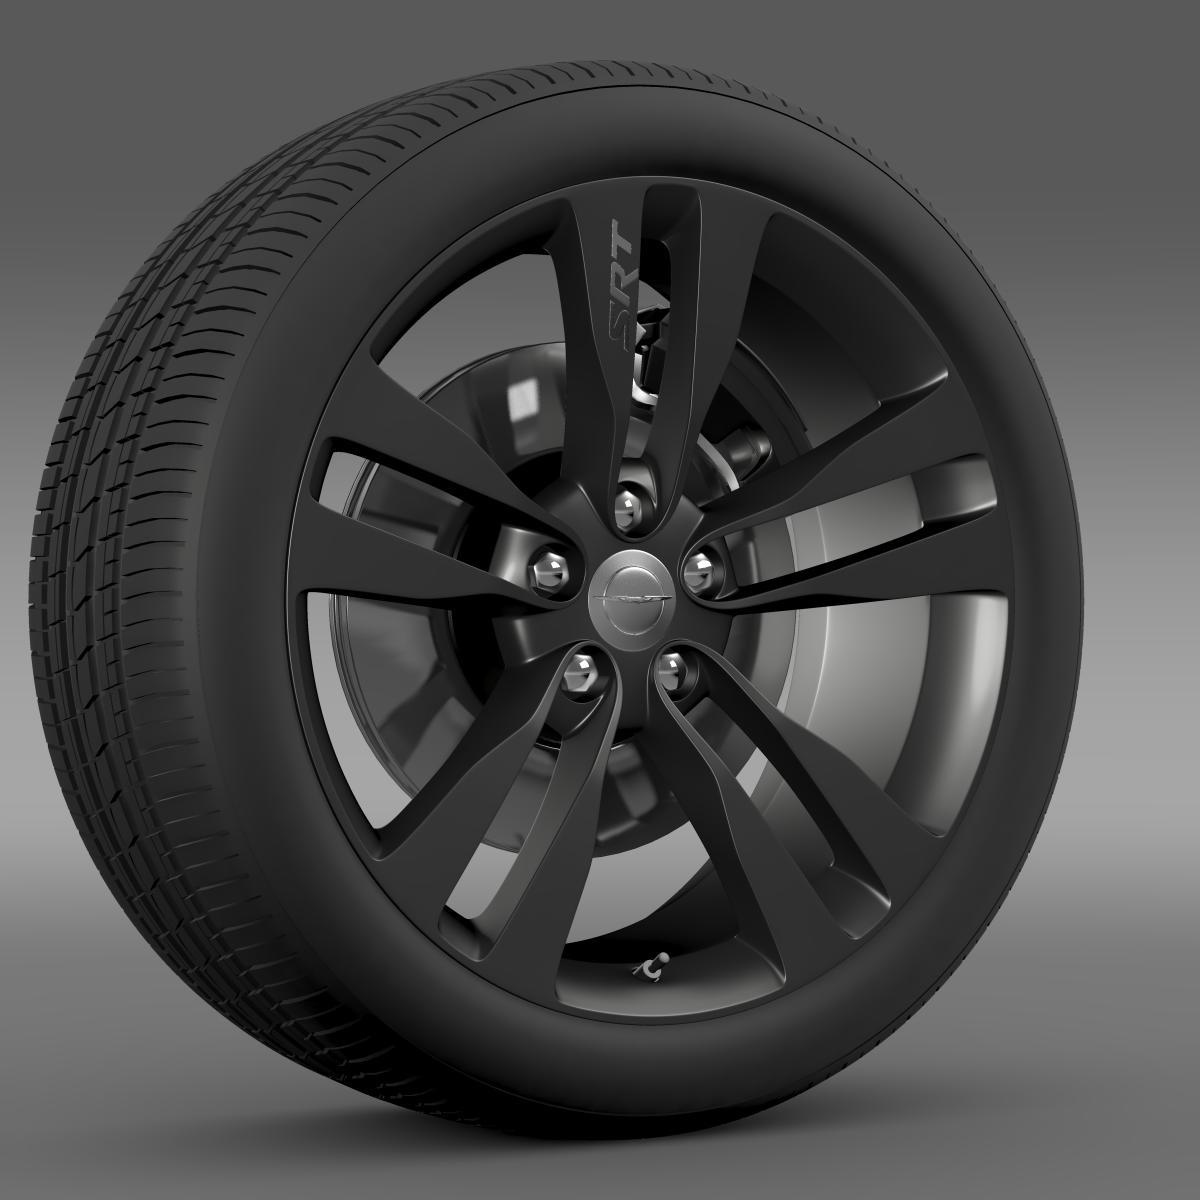 chrysler 300 srt8 satin vapor wheel 3d model 3ds max fbx c4d lwo ma mb hrc xsi obj 210642